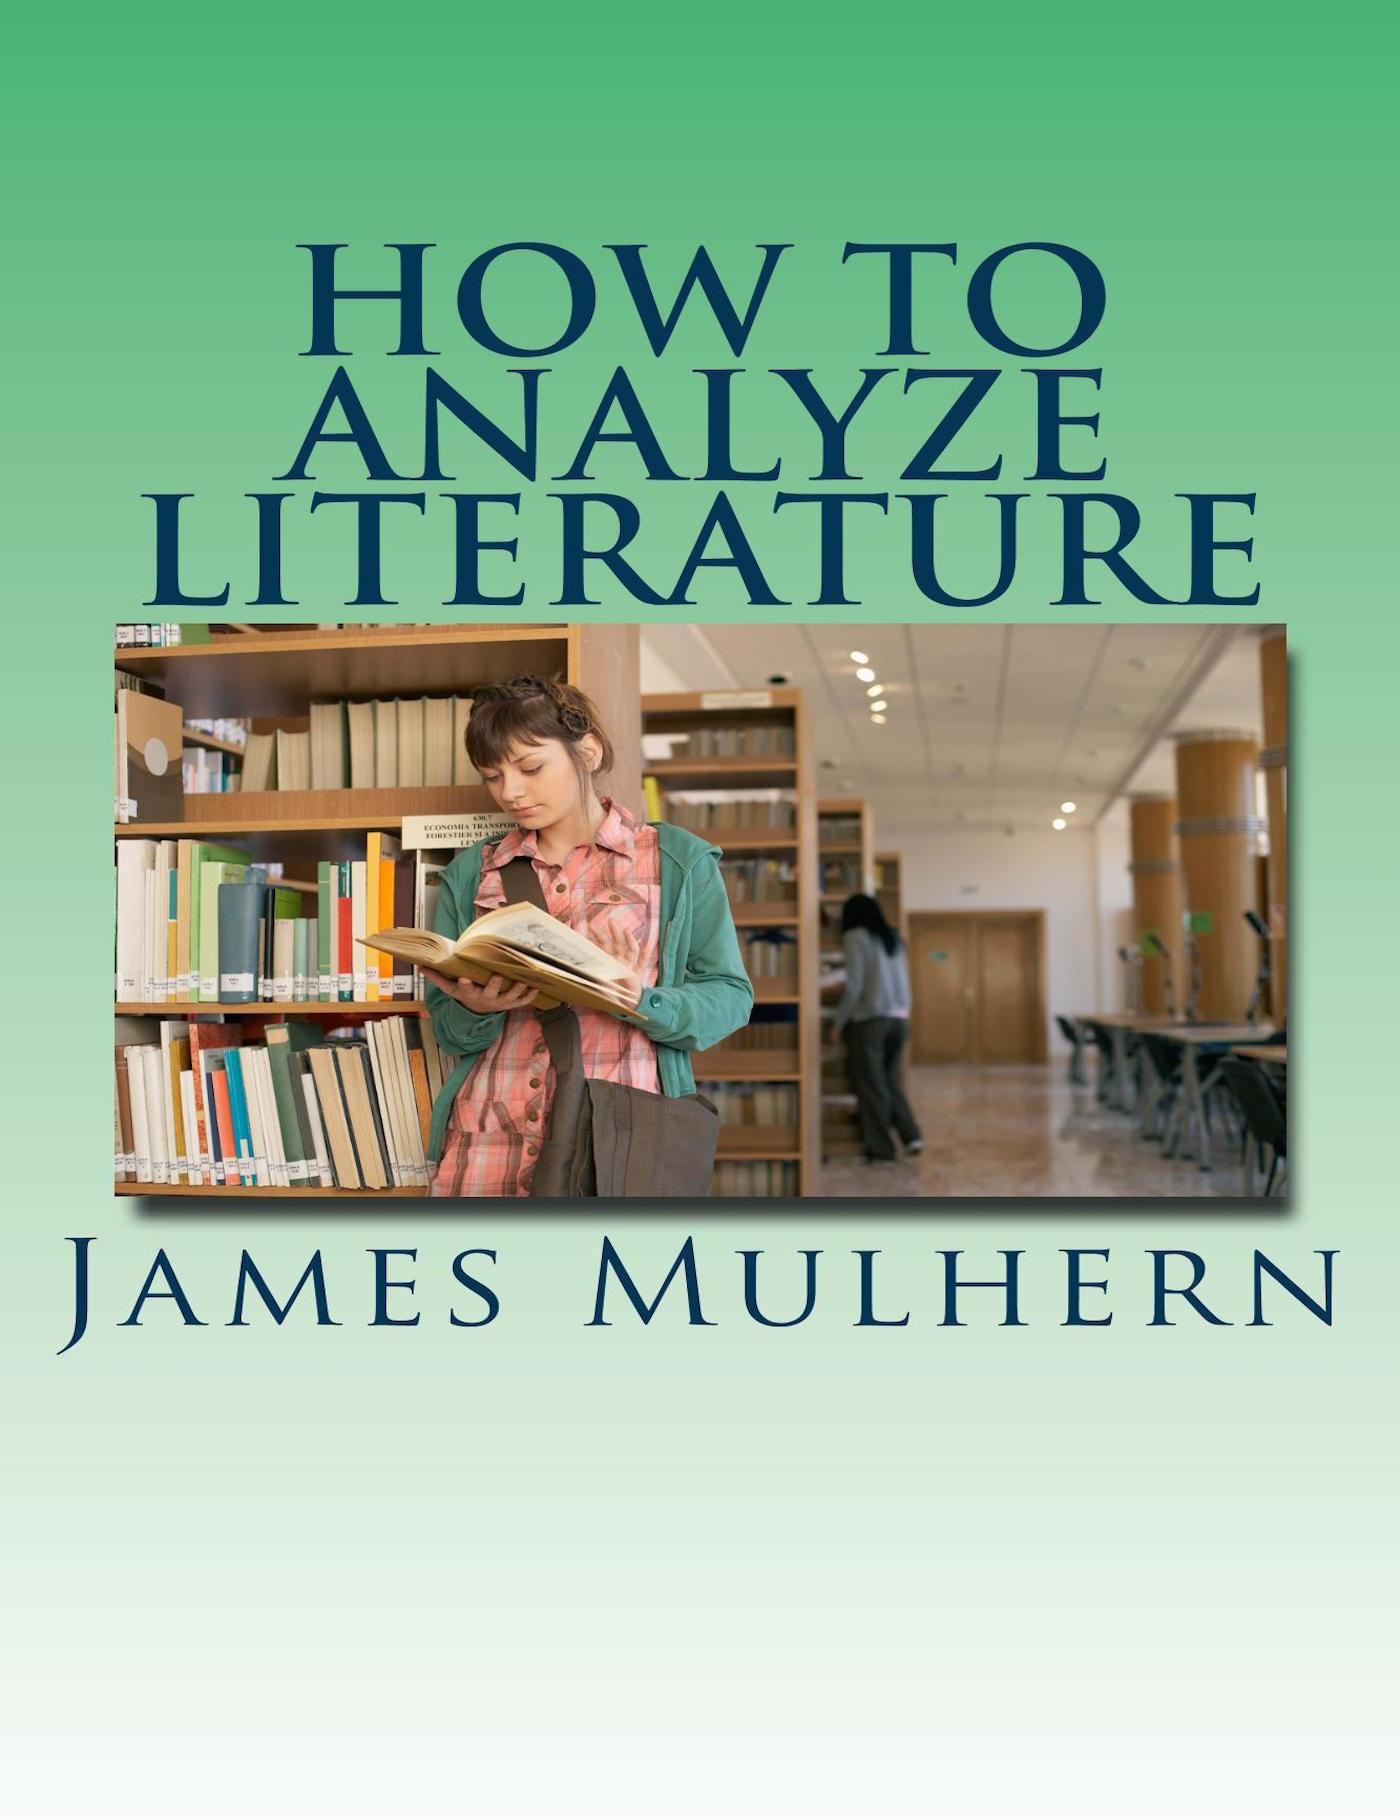 how do you analyze literature